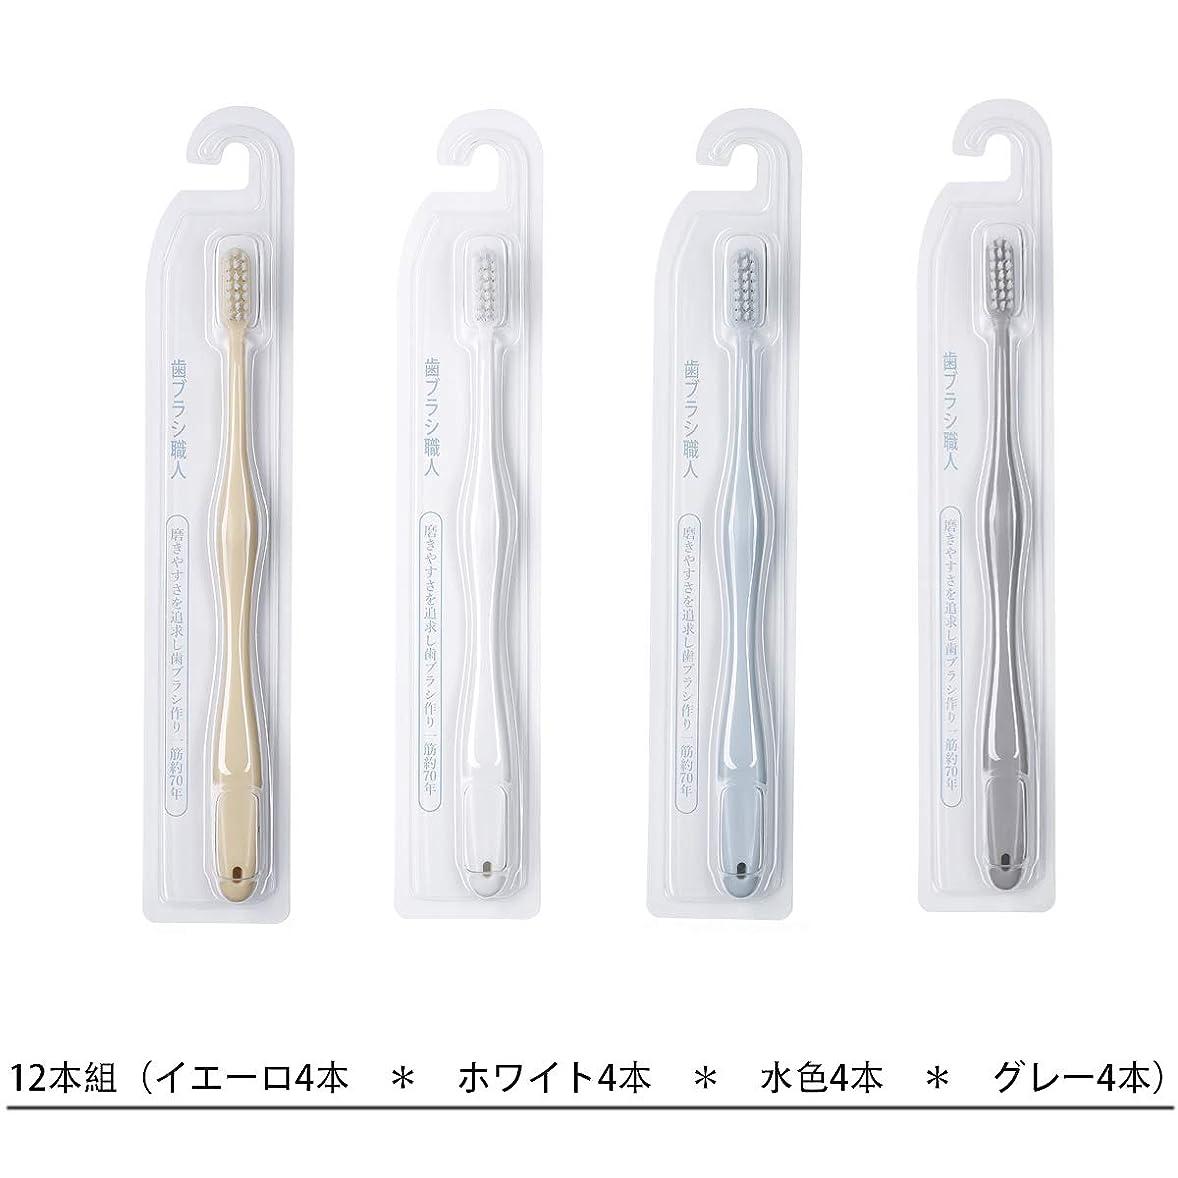 プロペラムスラジカル歯ブラシ職人 田辺重吉 磨きやすい歯ブラシ 極 AT-09 (12本組)